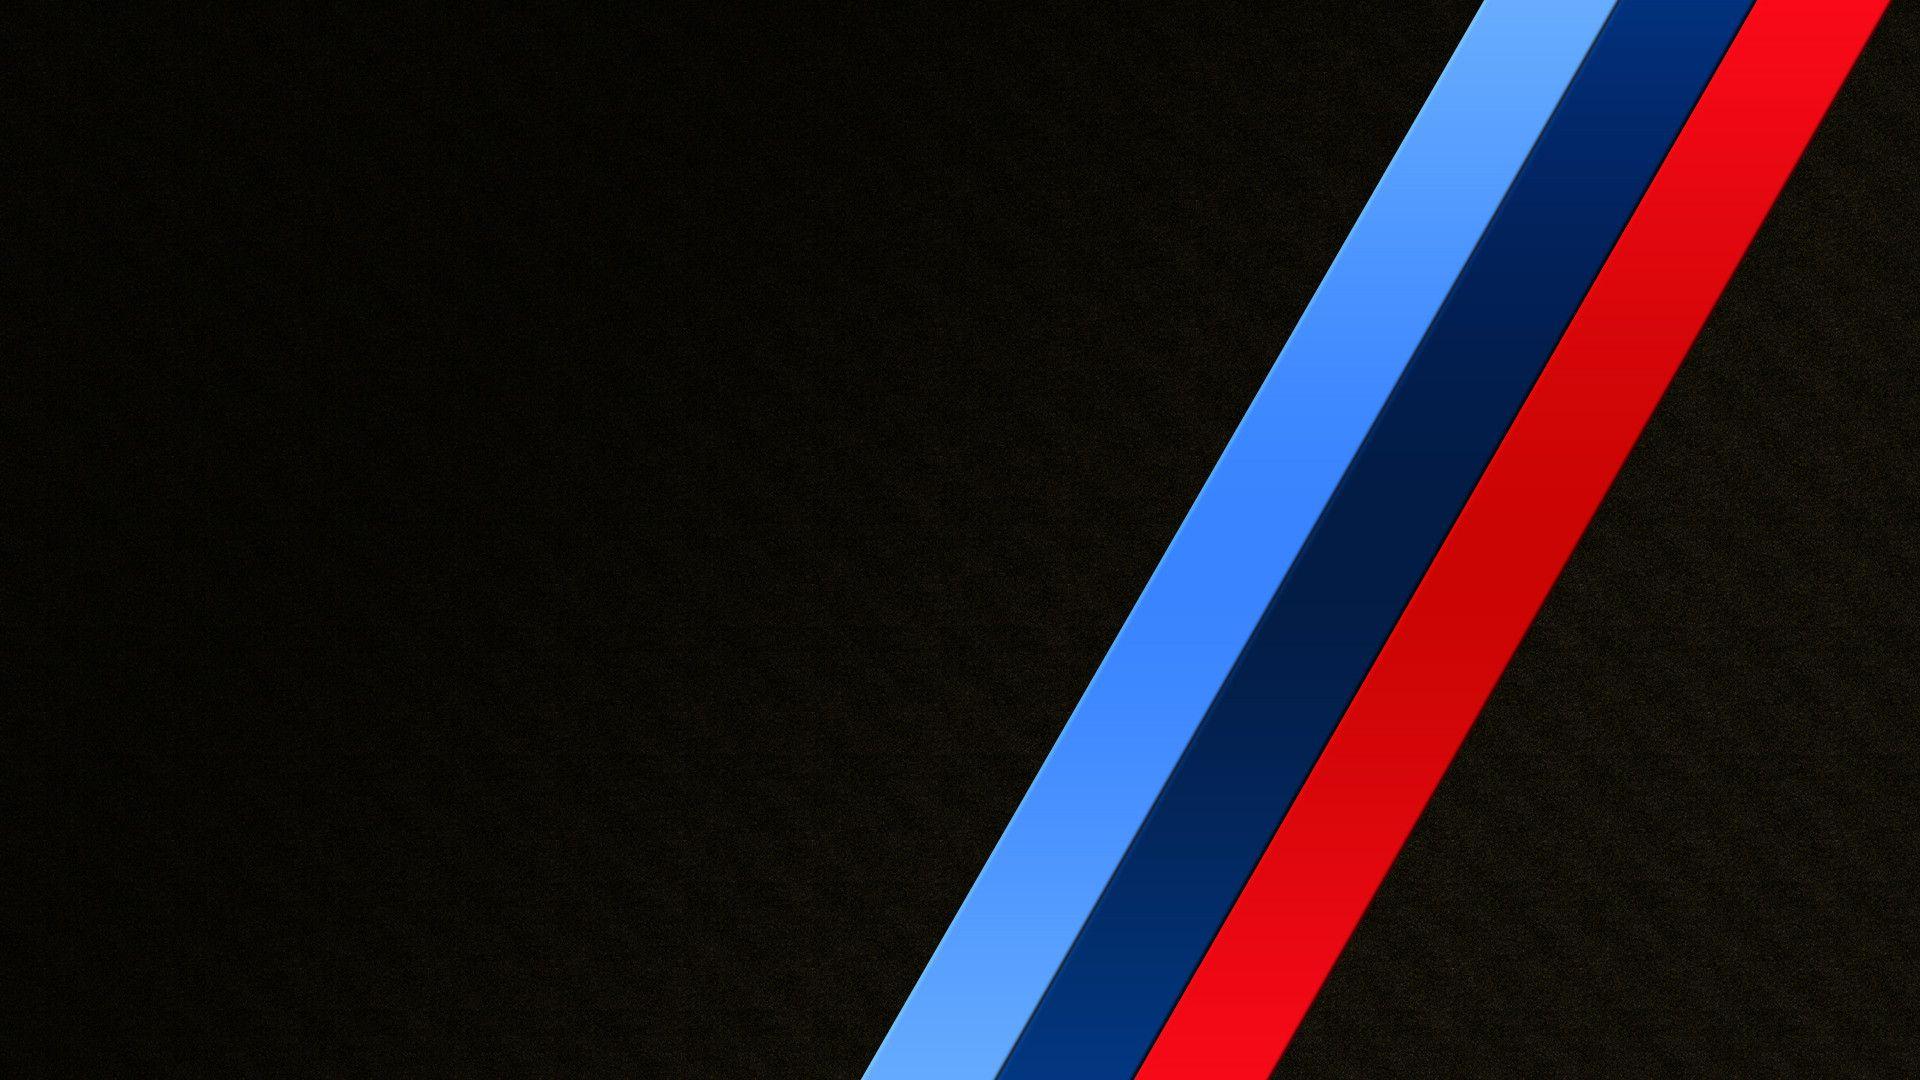 Bmw M Logo Wallpaper 1920x1080